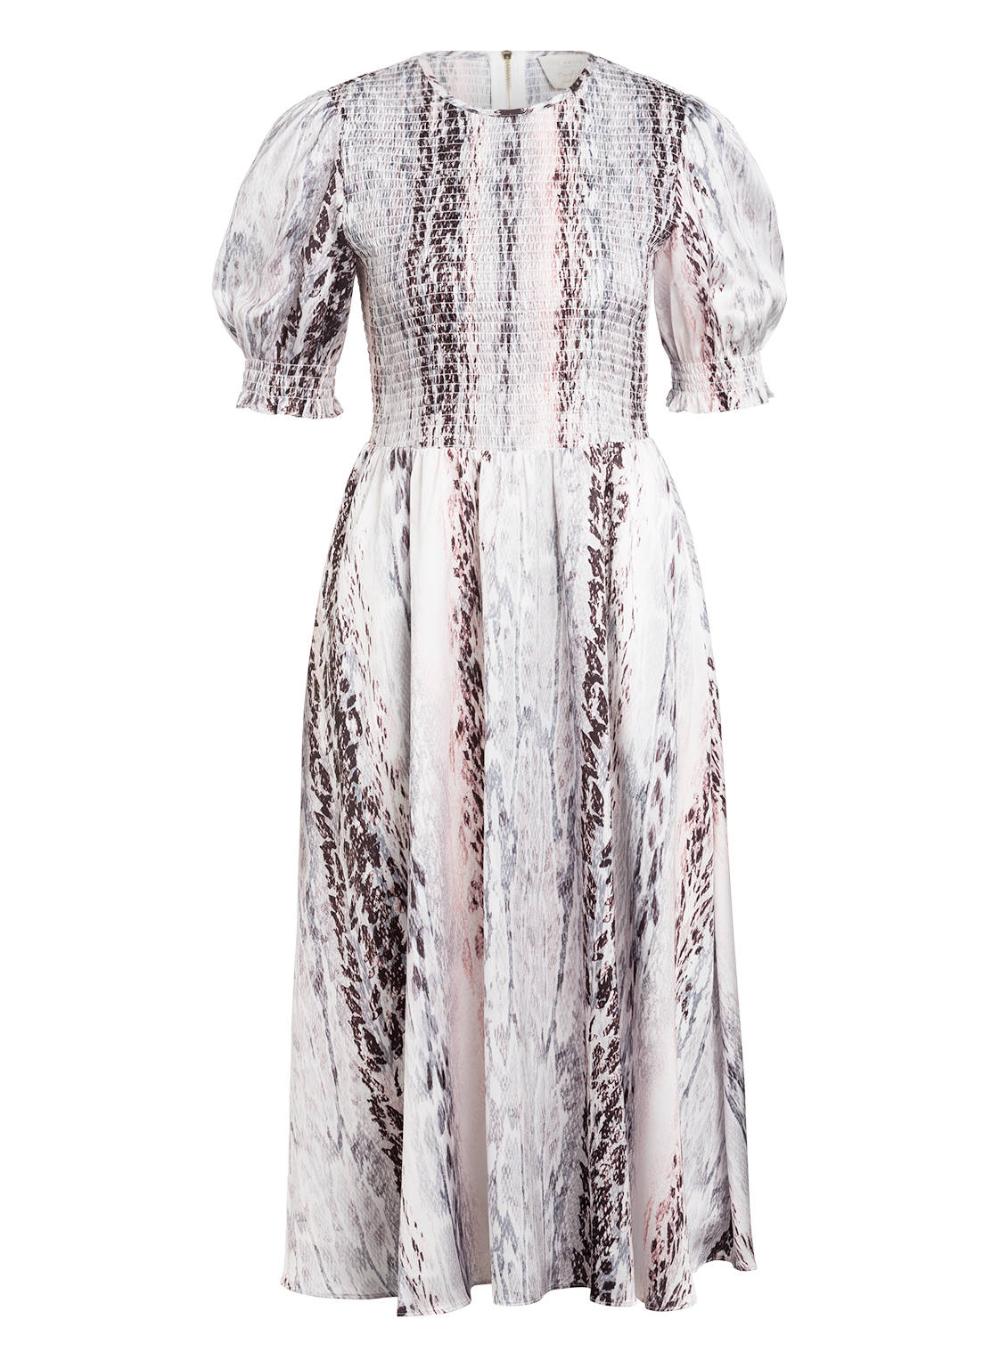 Kleid HALOMAH von TED BAKER bei Breuninger kaufen   Langärmliges ...